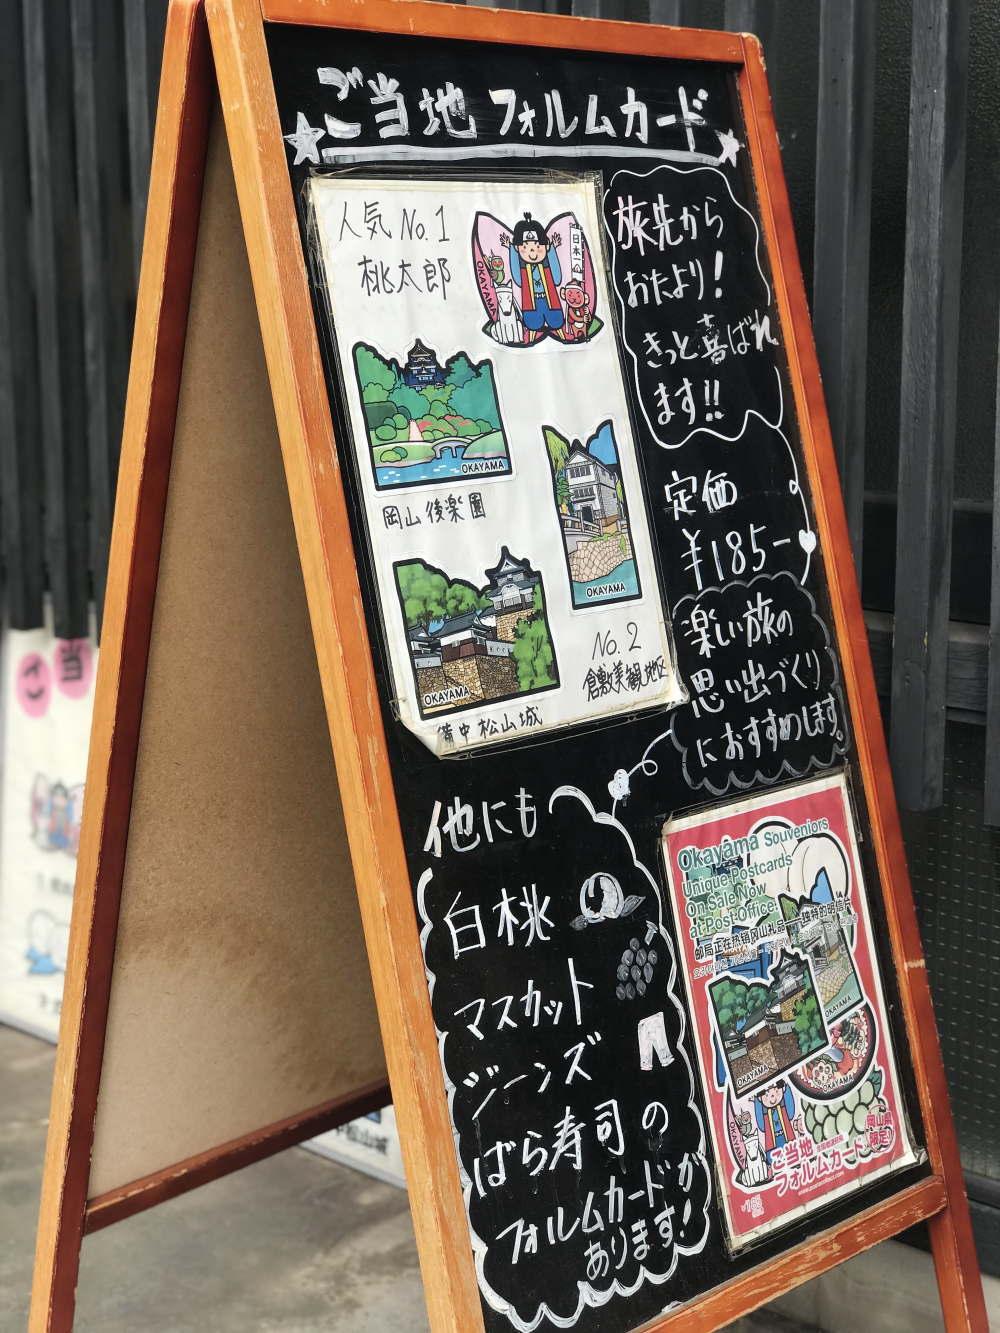 倉敷ご当地フォルムカード